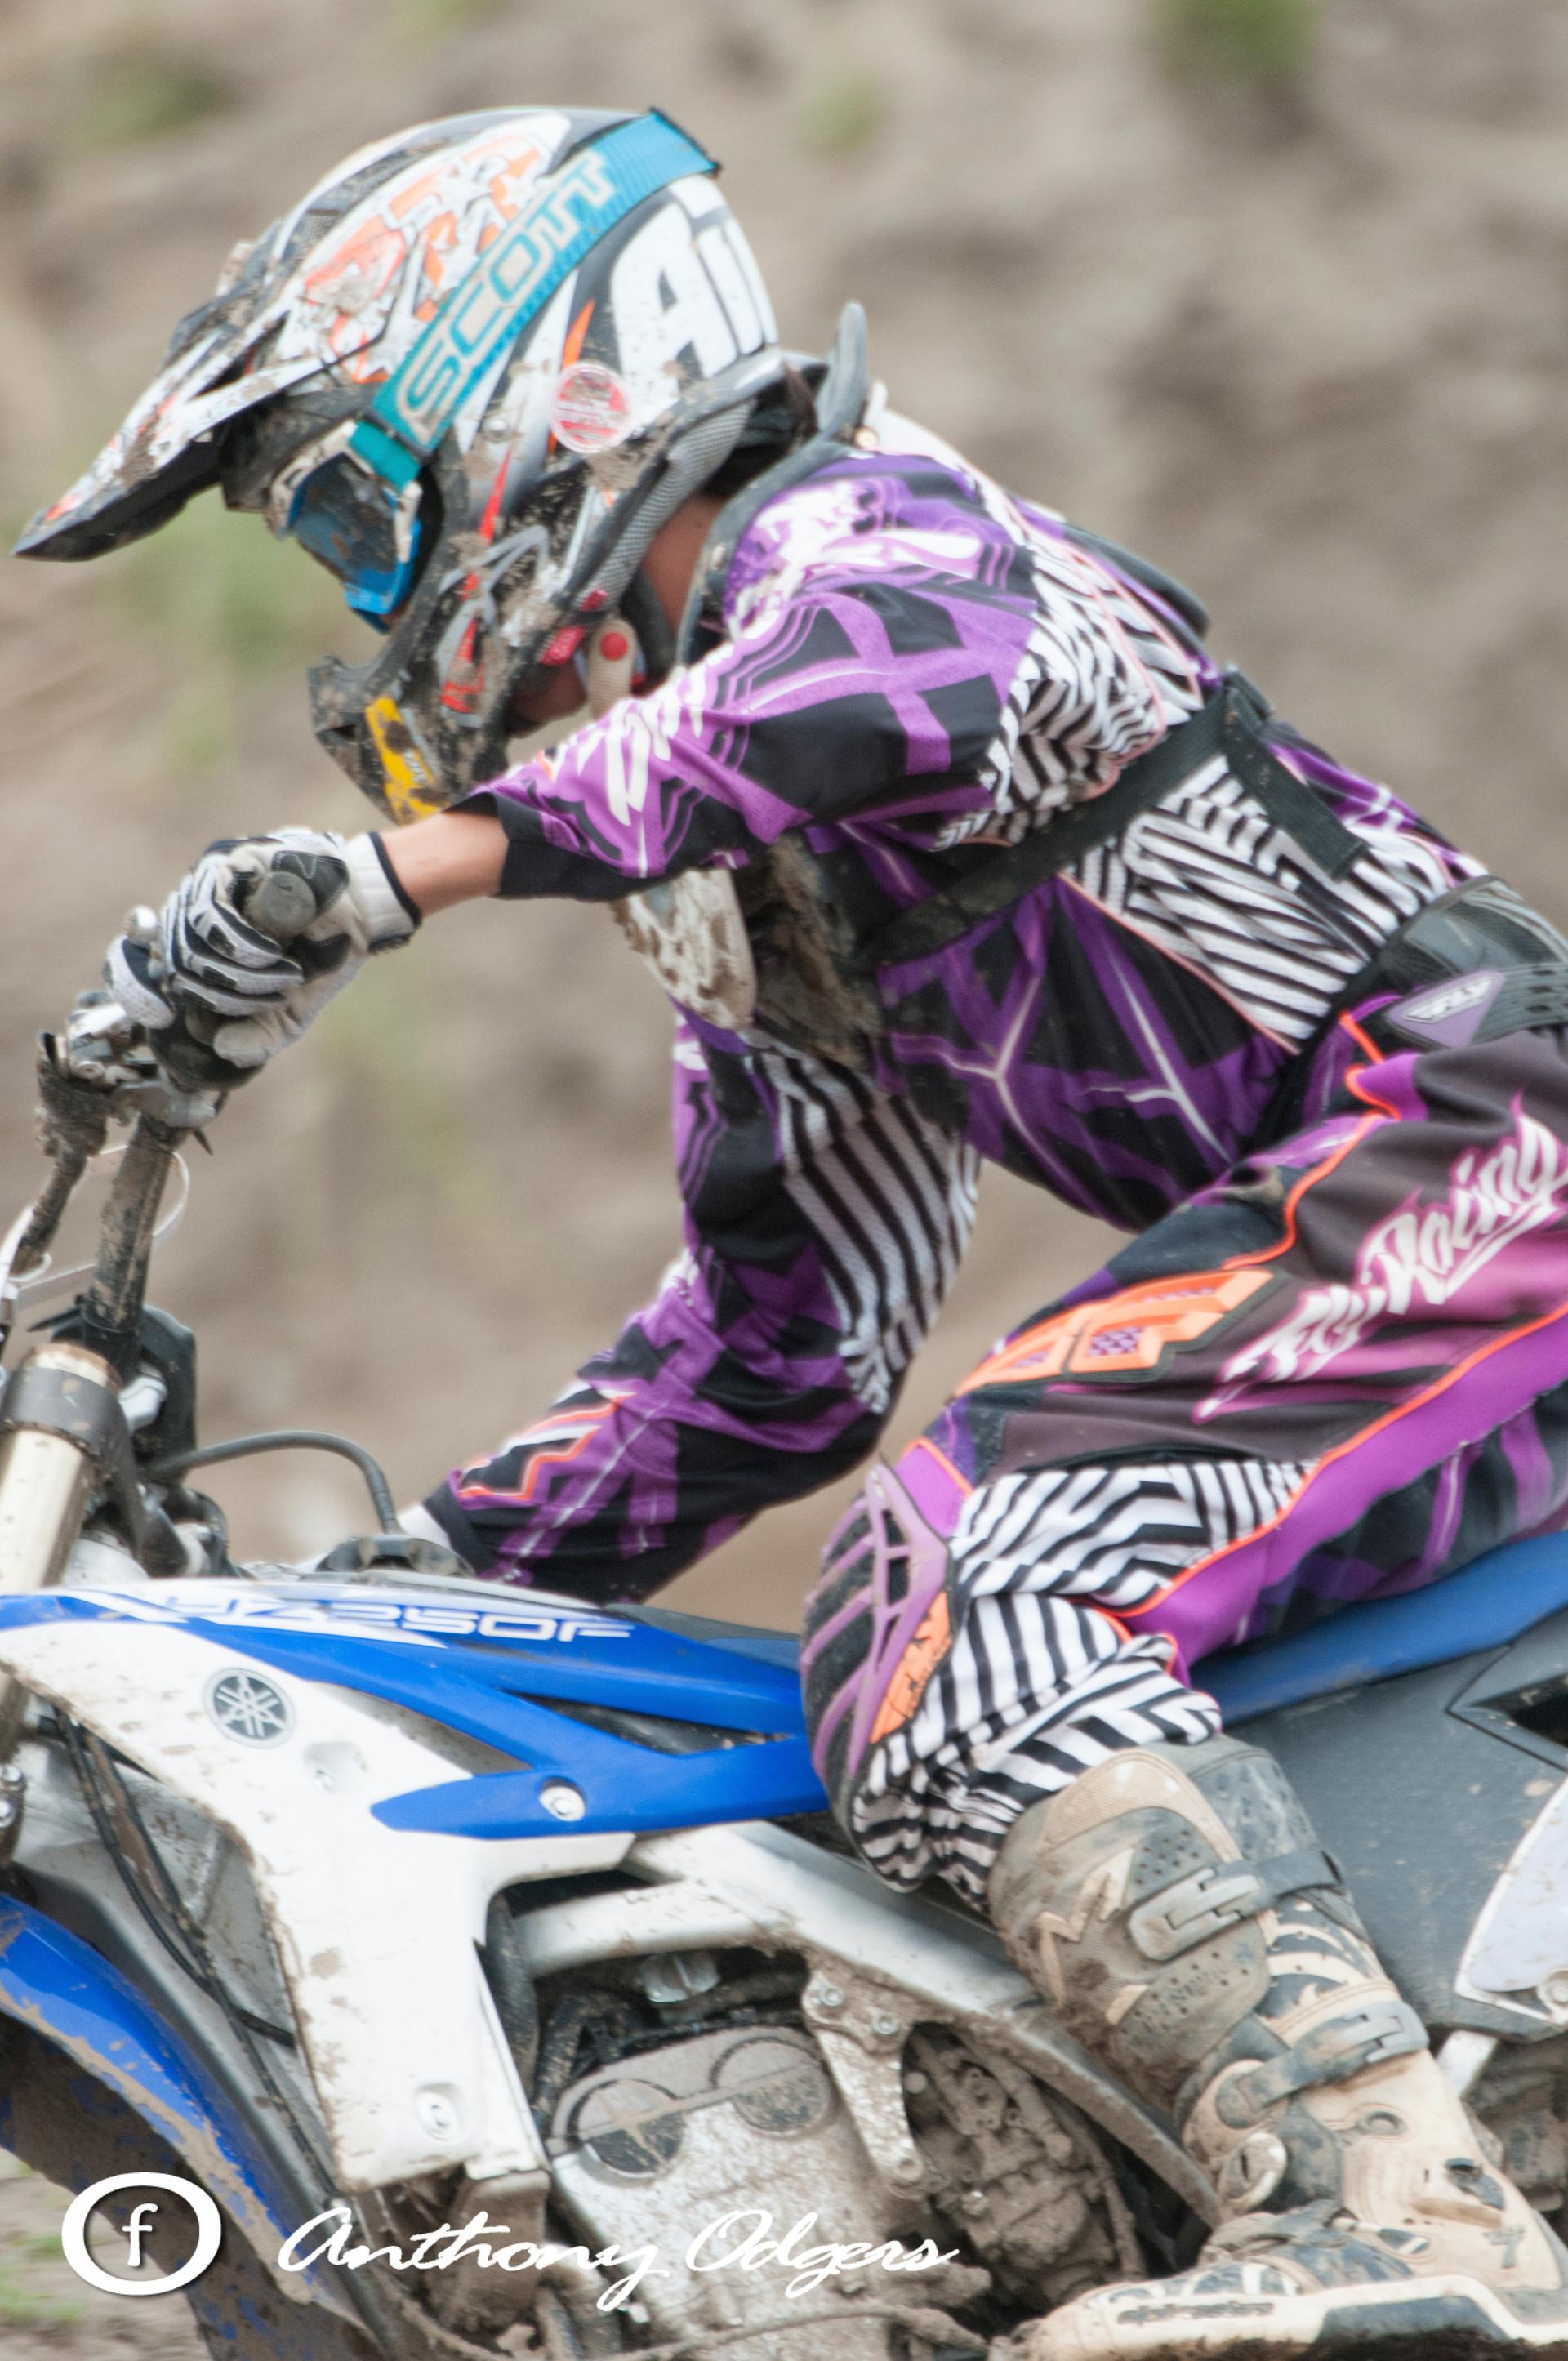 2013-01-06-Motocross Enduro-33.jpg